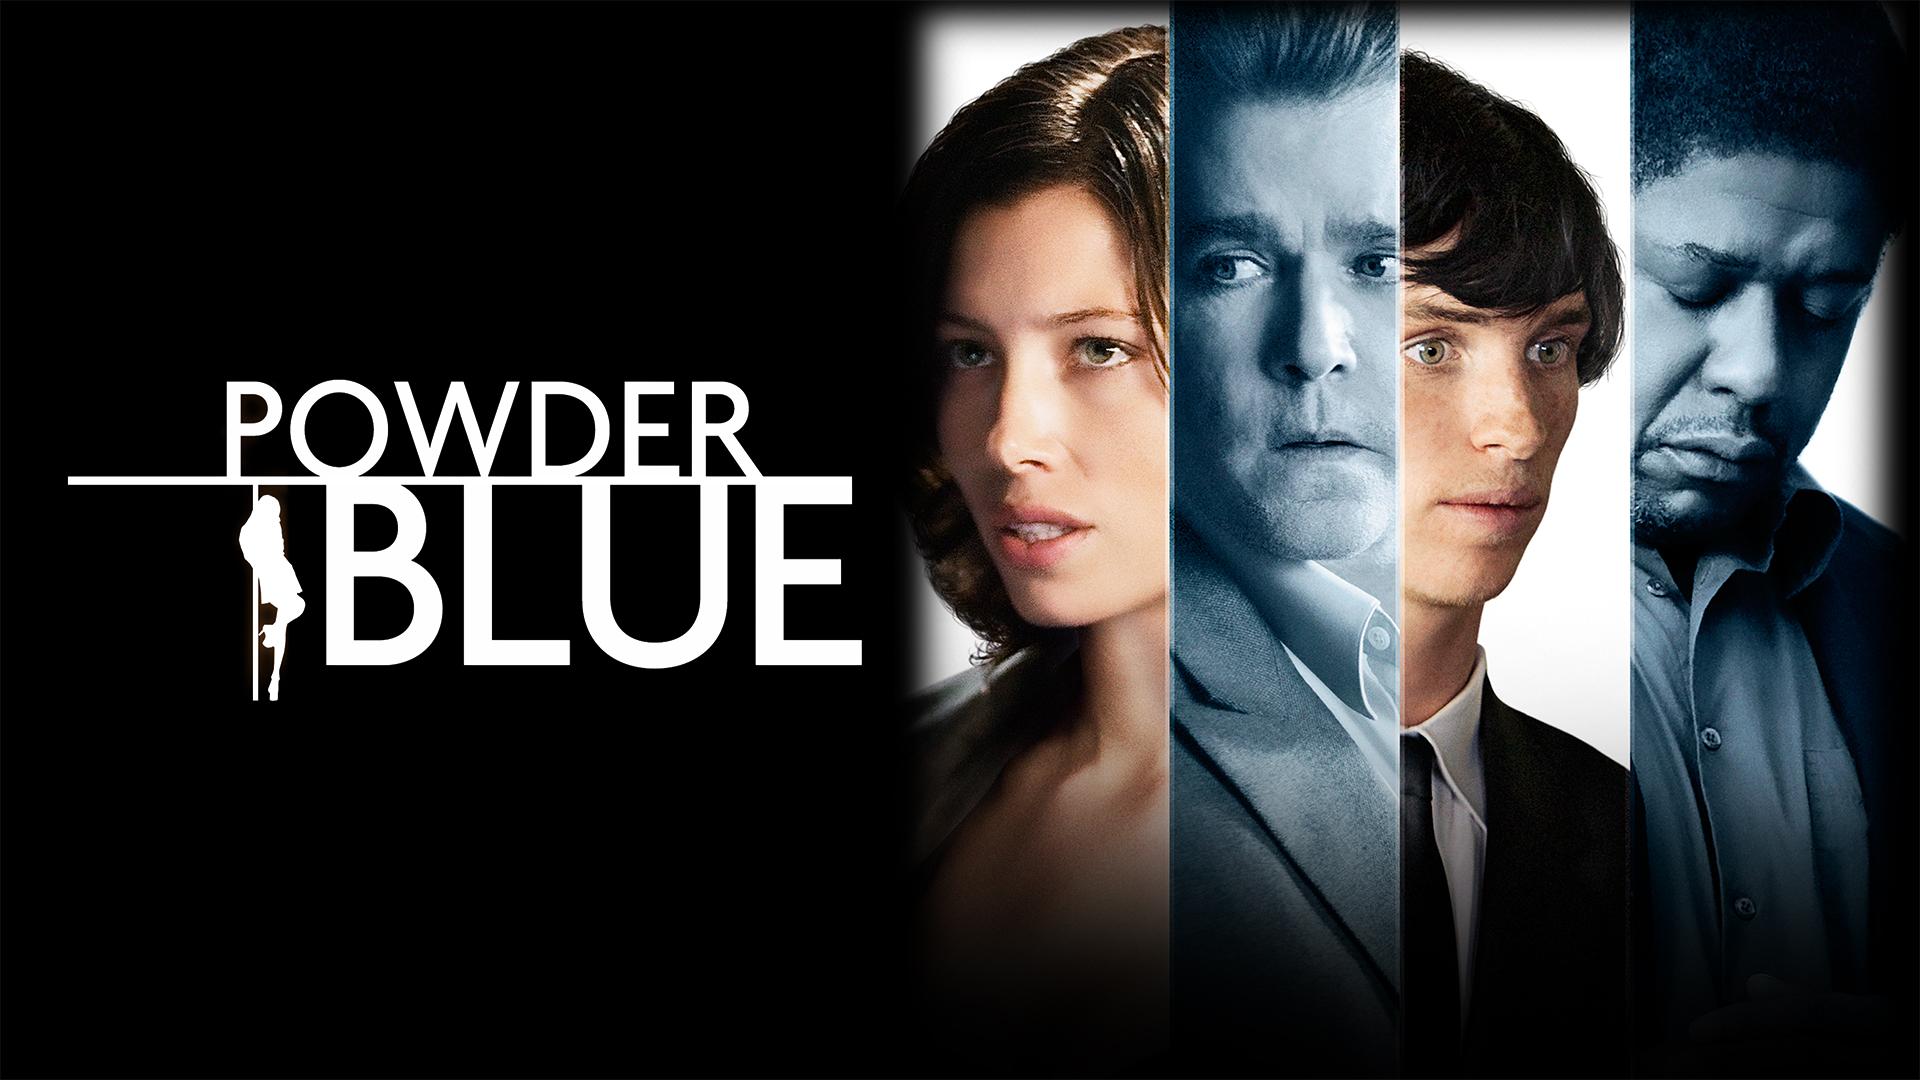 powder-blue-2